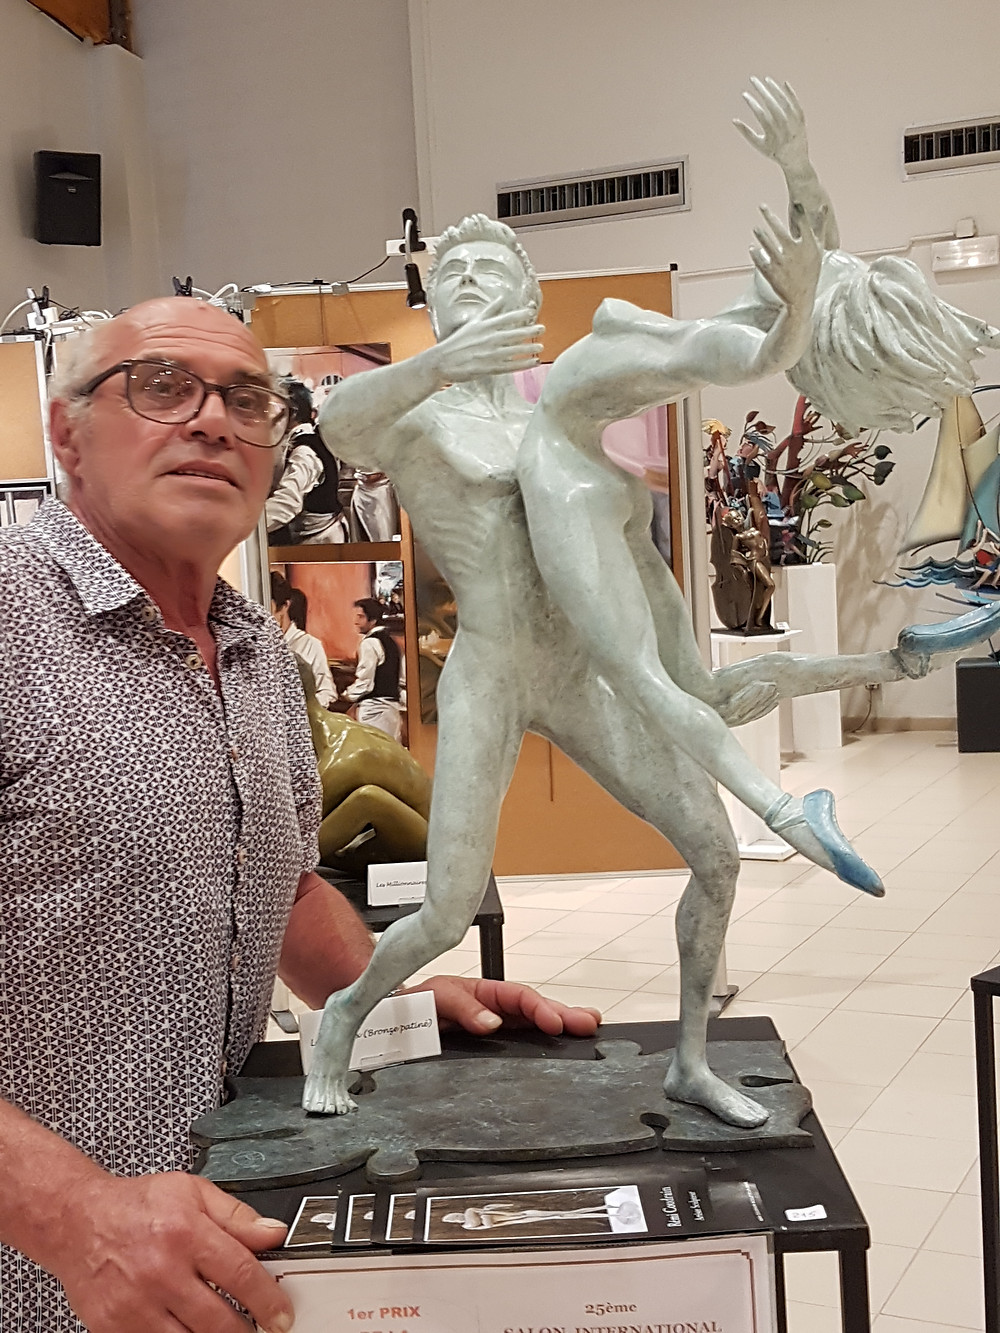 Beauté des corps, bronze éternel, Les Oiseaux , coulés  à la fonderie Chapon, des danseurs qui s'envolent, un porté original, une danseuse nue chaussée de bleu !